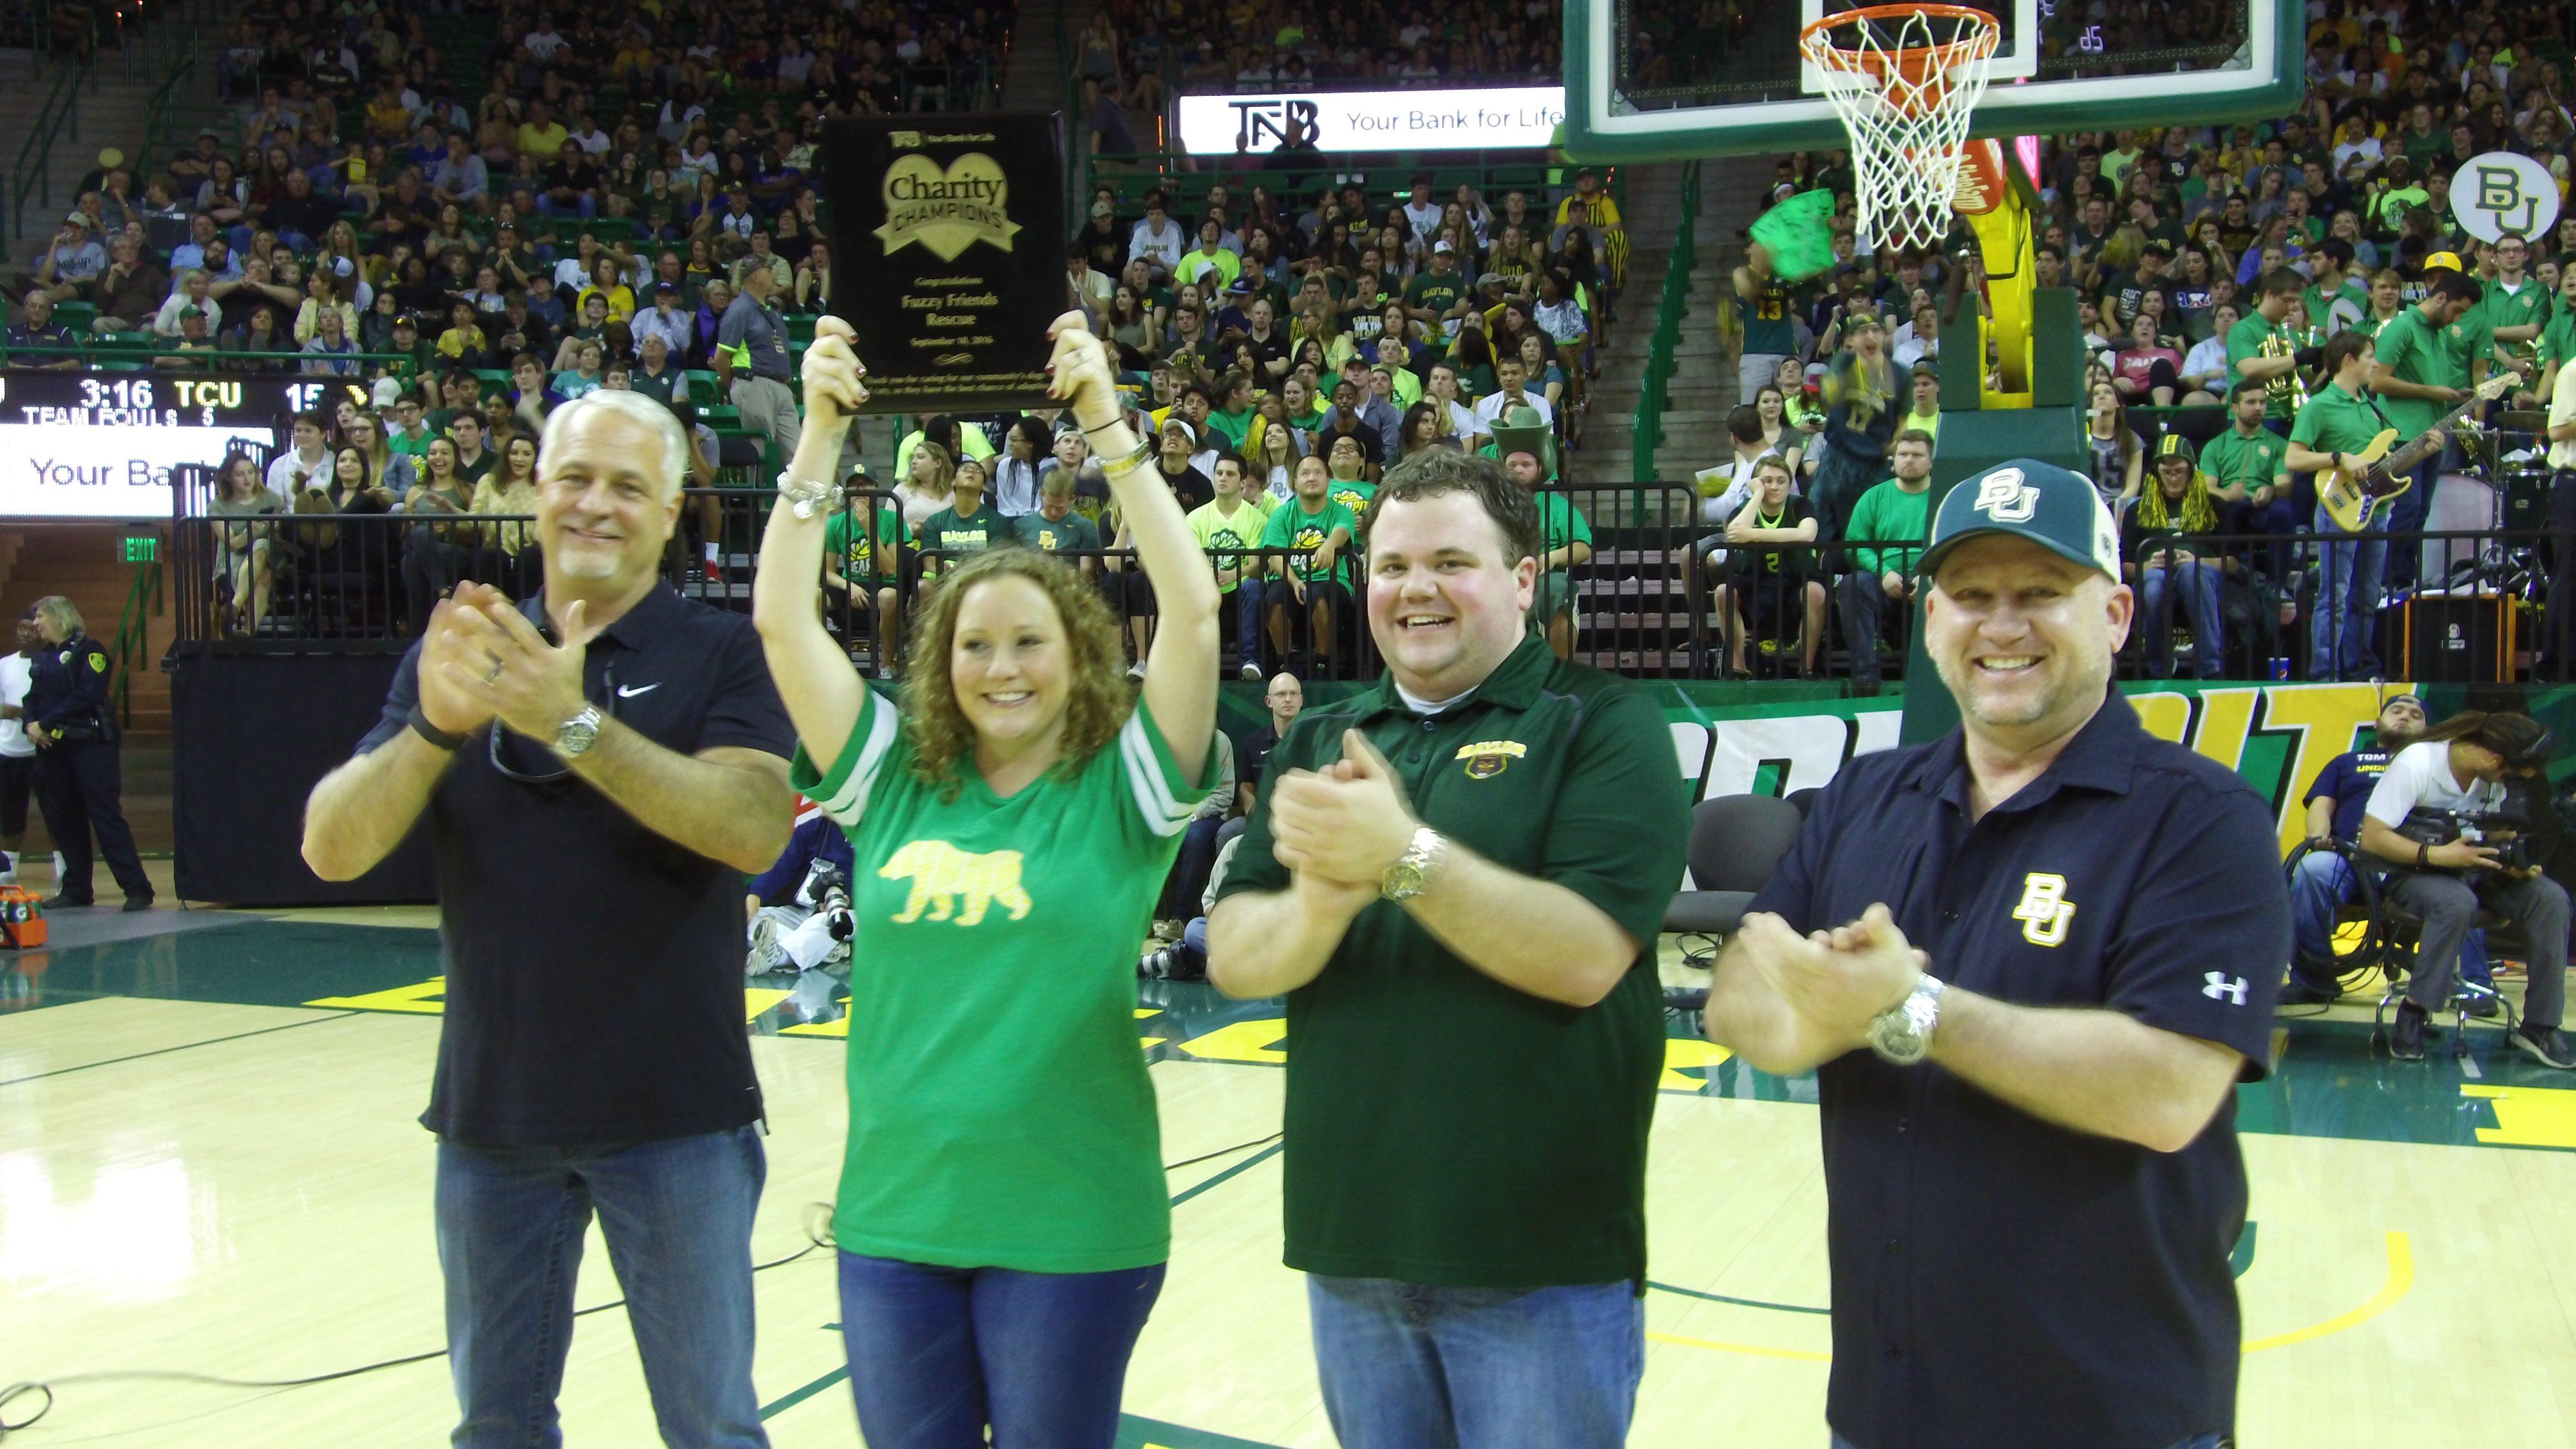 Charity Champions Waco